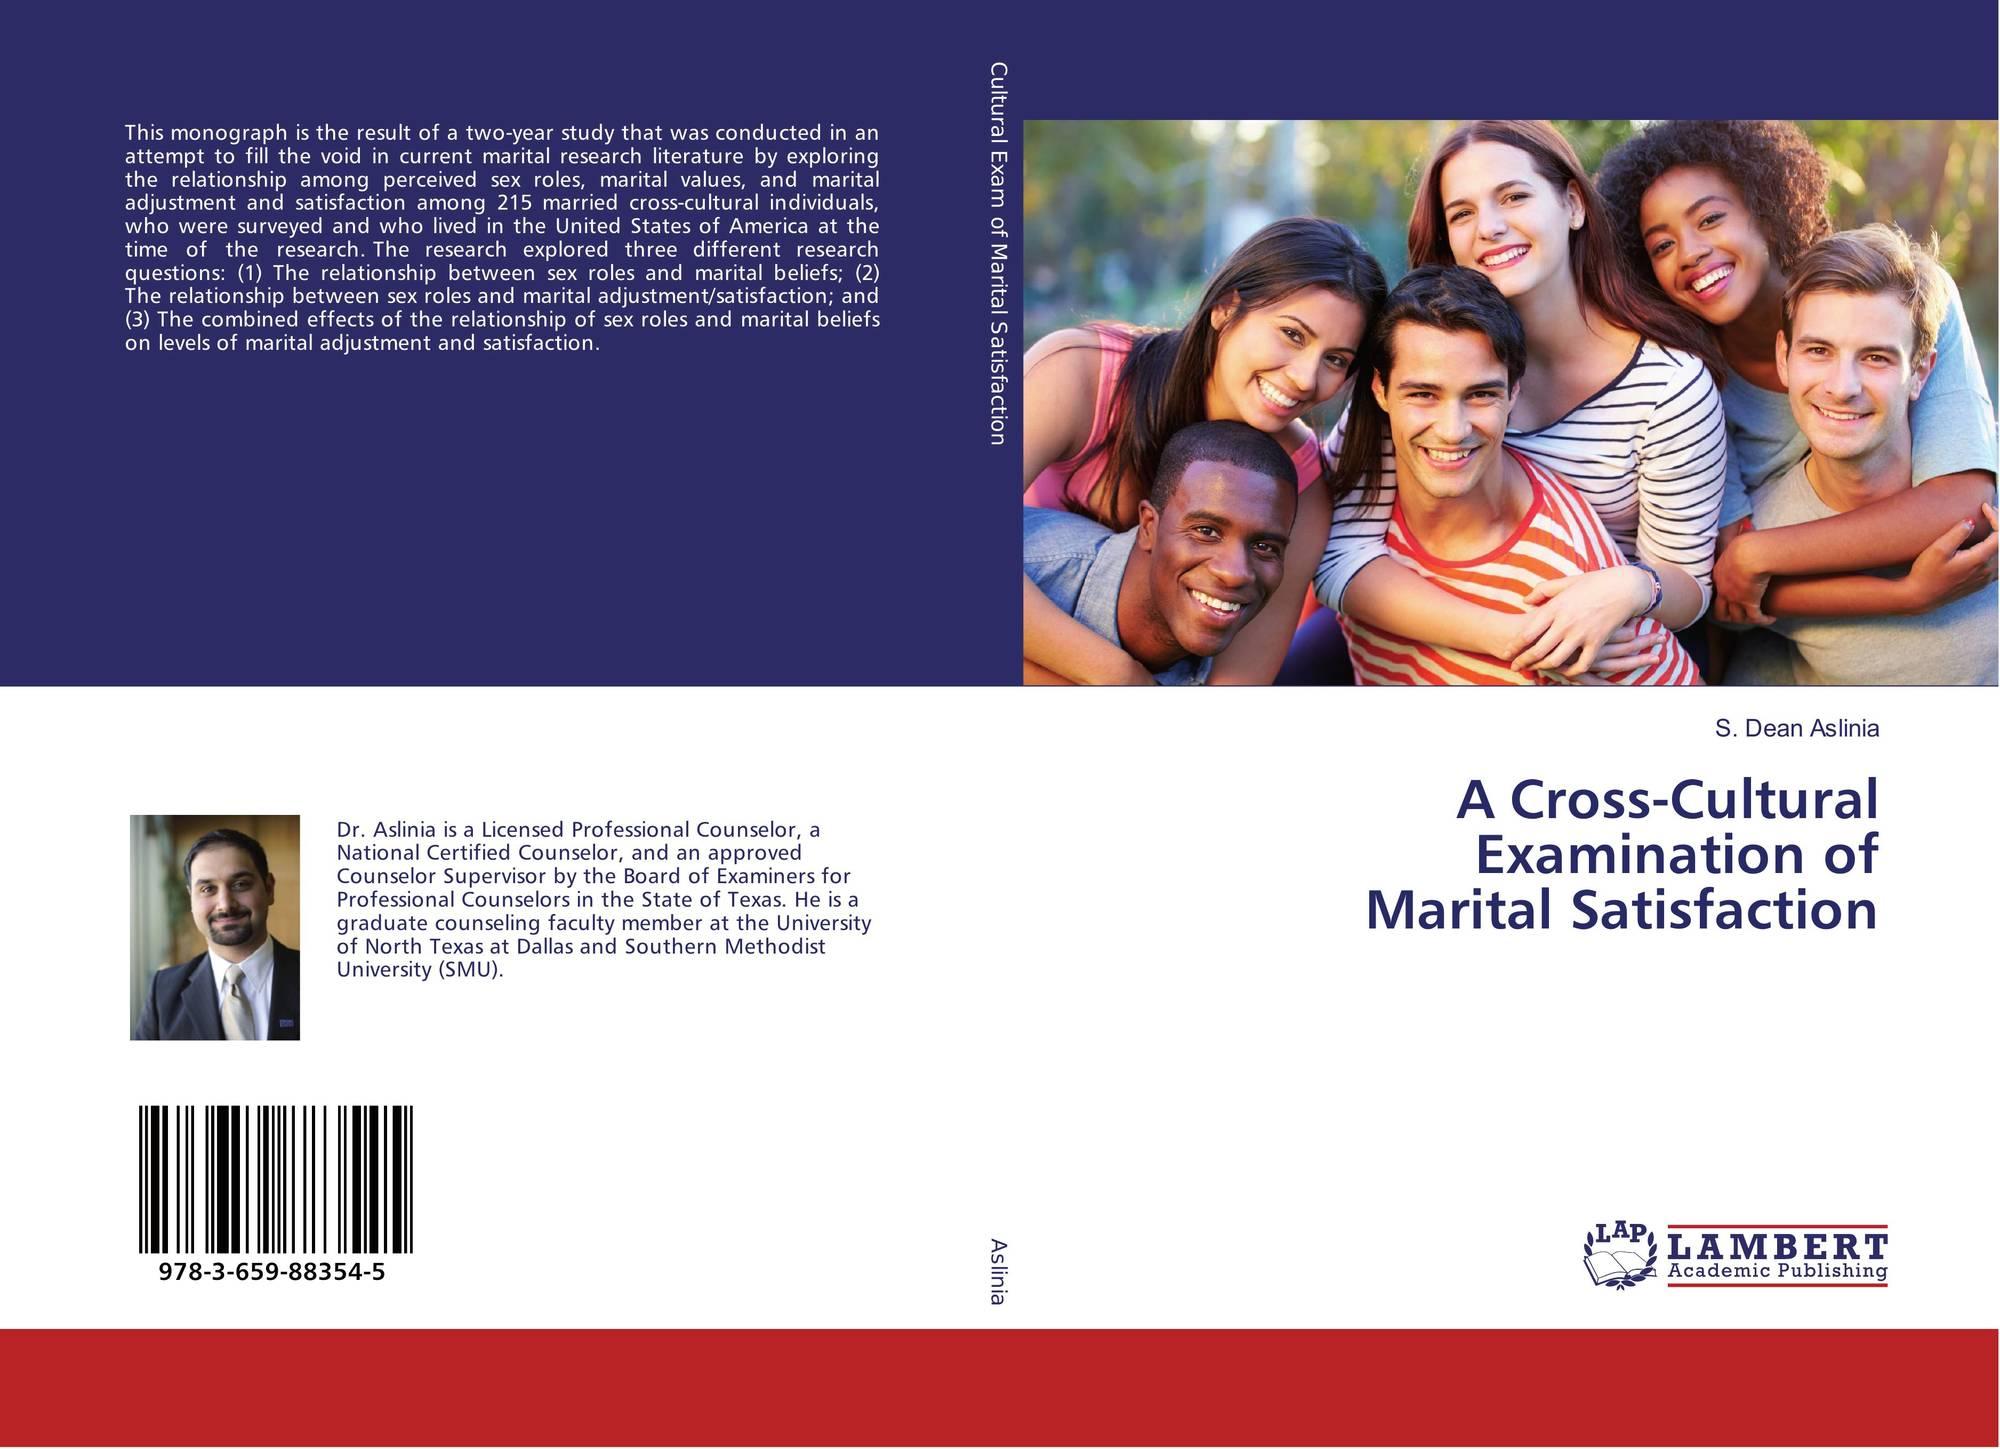 dysfunctional relationship beliefs in marital satisfaction and adjustment